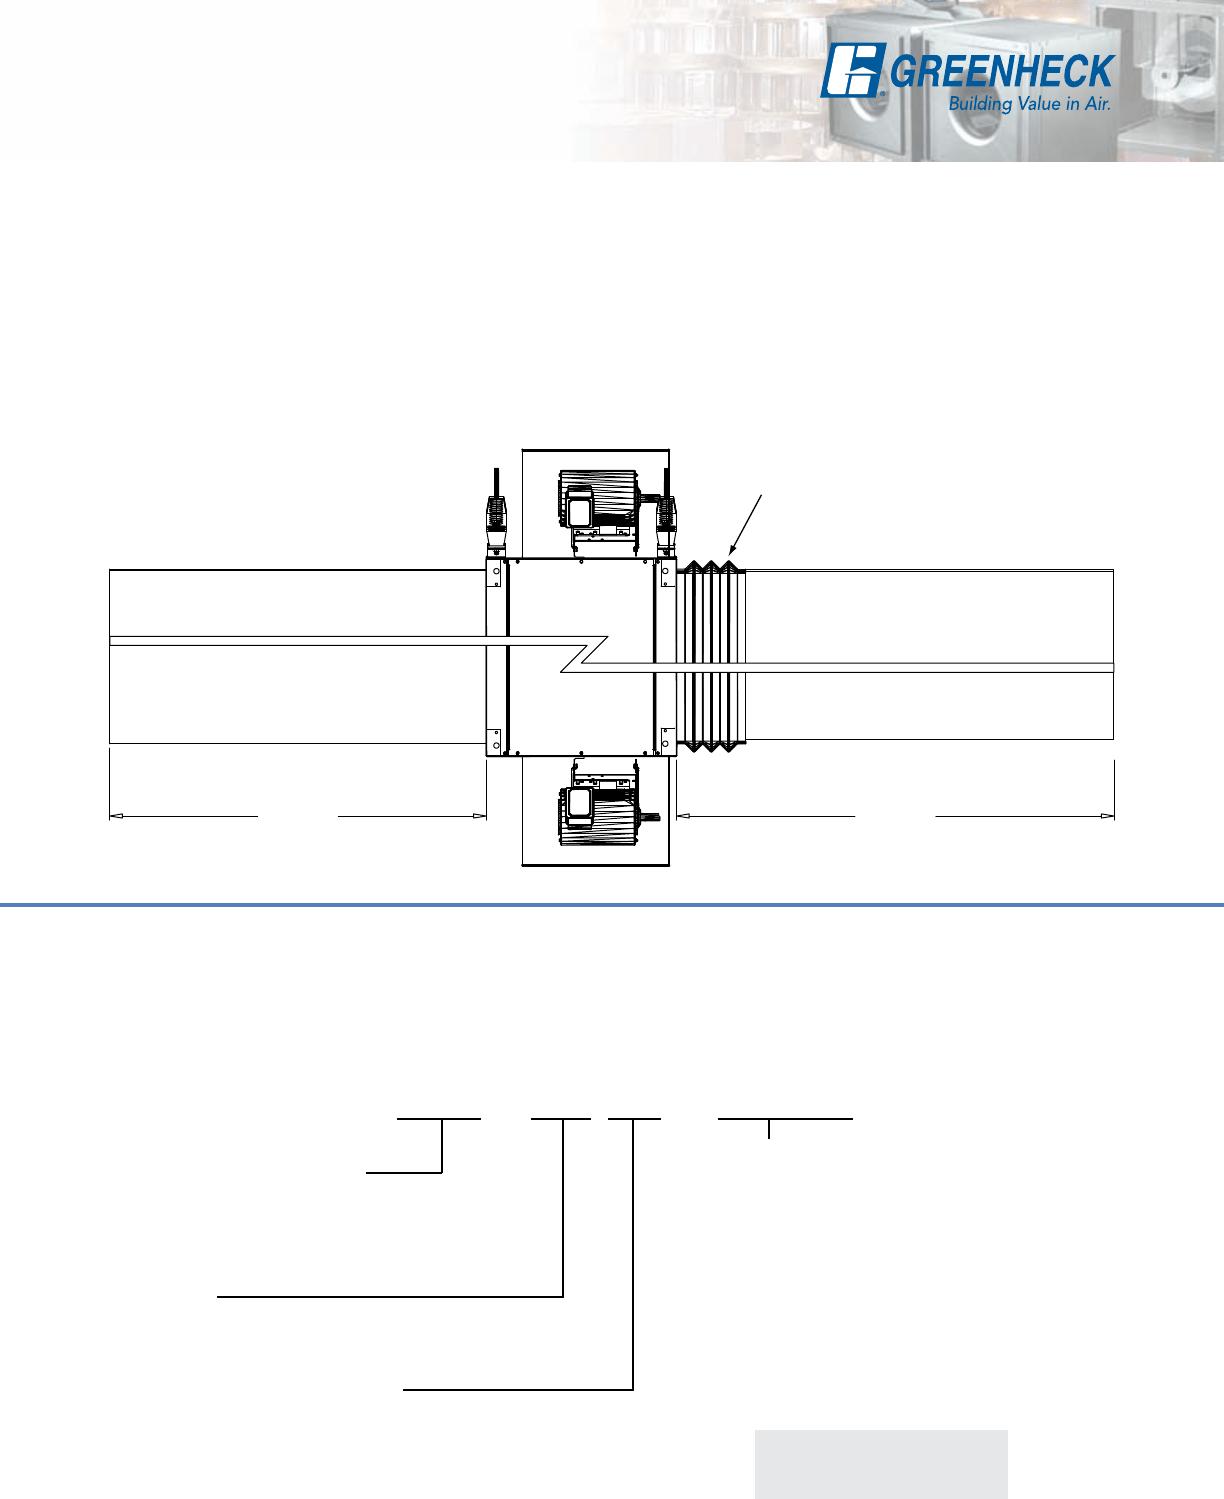 Diagrams Wiring Basic Hvac Ladder Diagrams